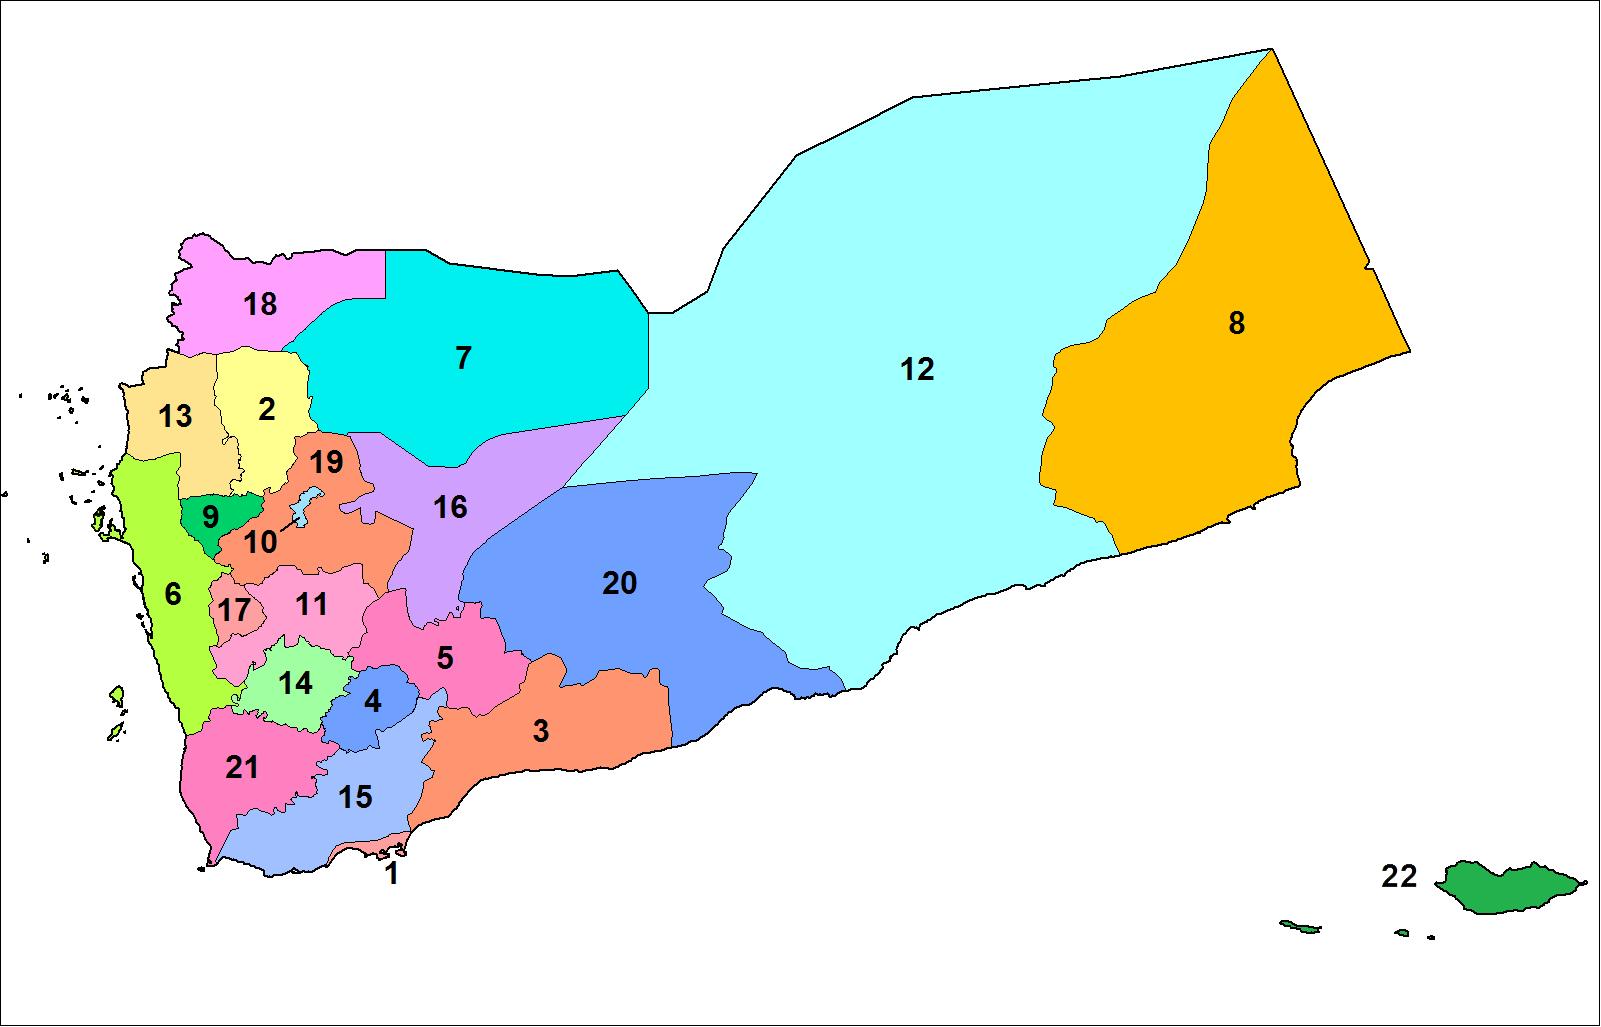 Административное деление Йемена на мухафазы